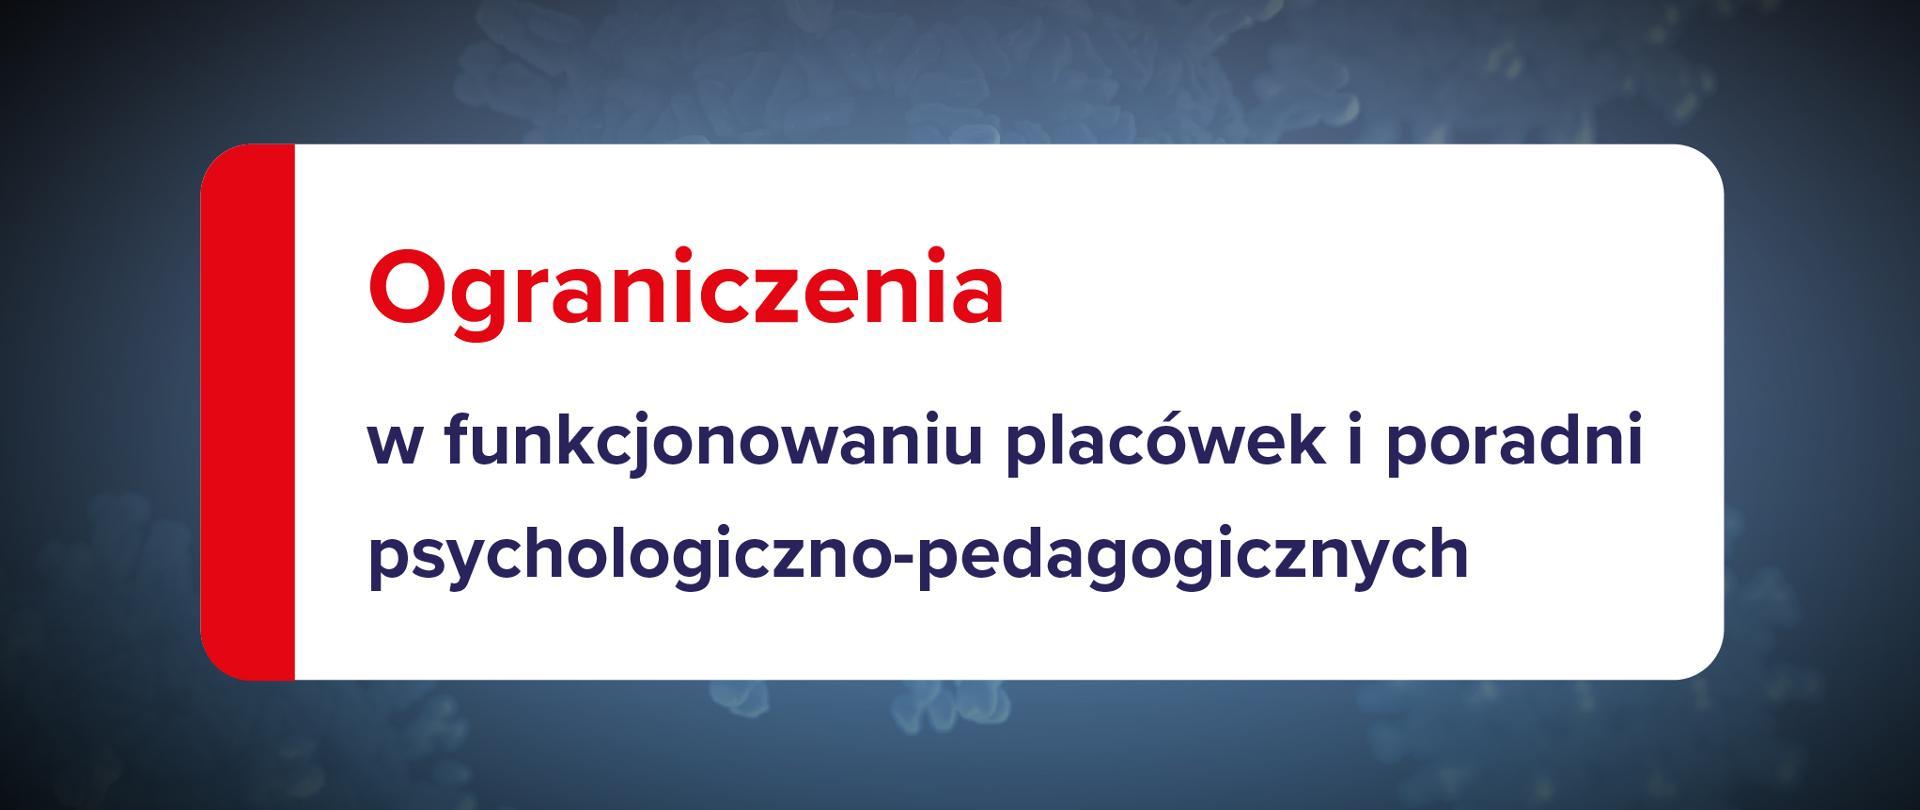 Grafika z tekstem: Ograniczenia w funkcjonowaniu placówek i poradni psychologiczno-pedagogicznych